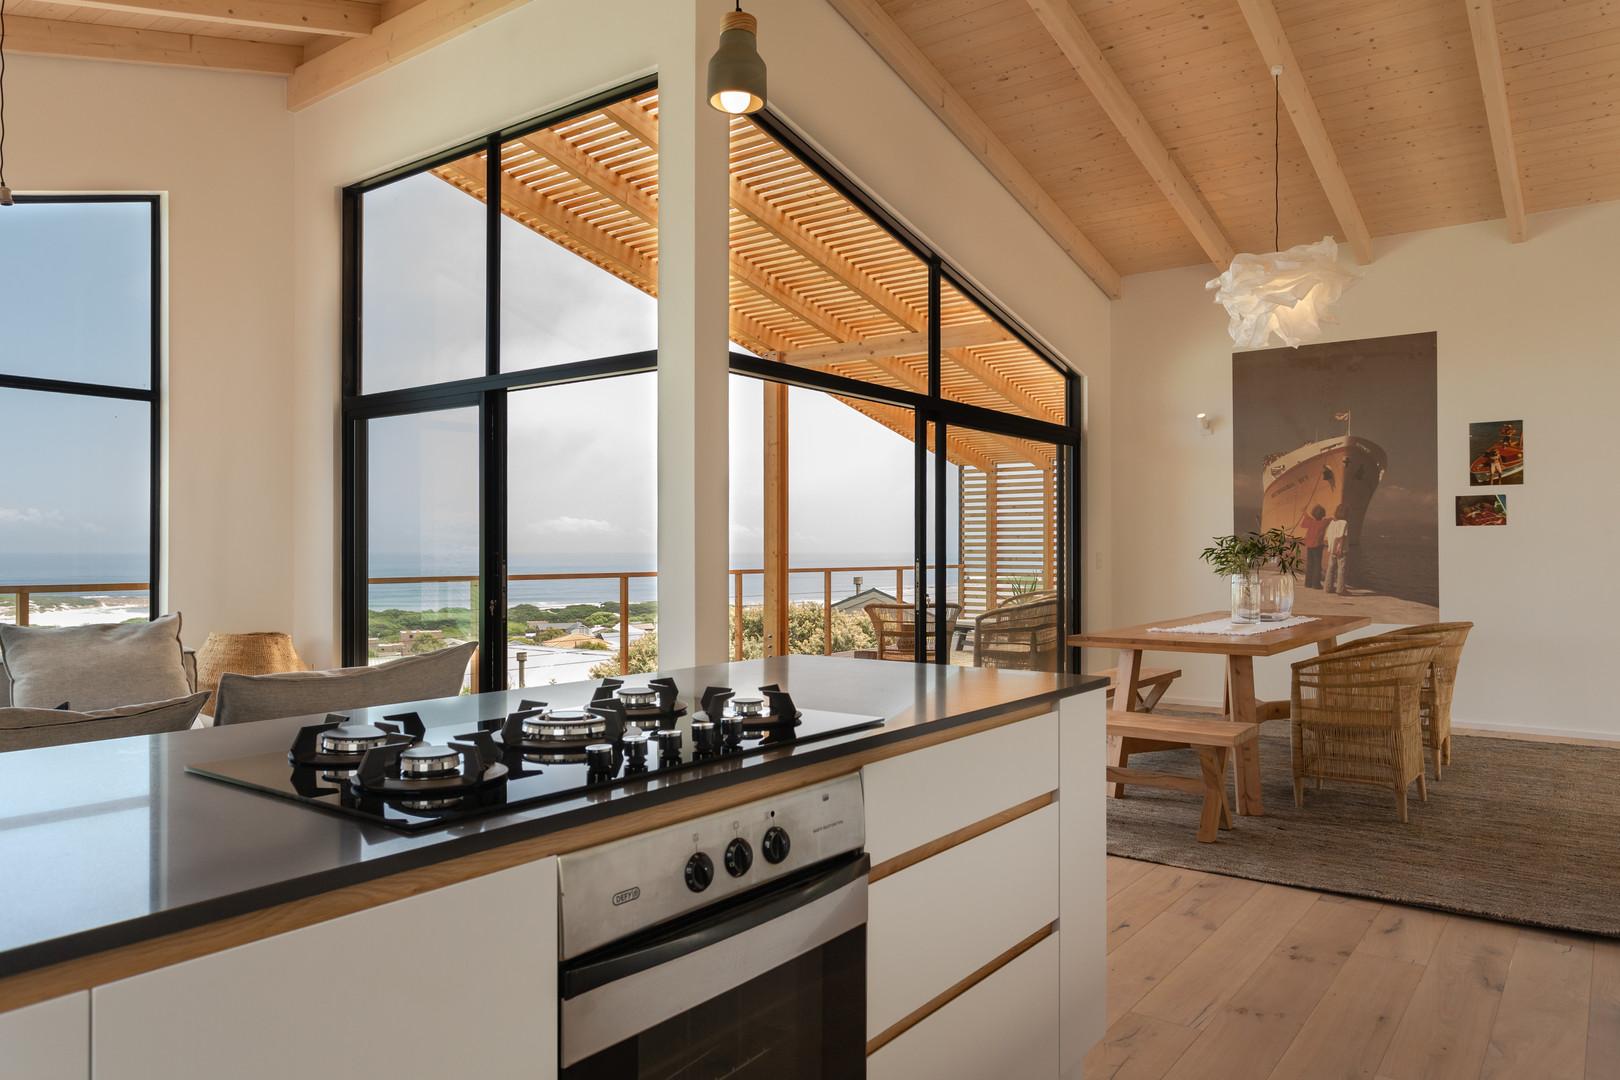 loft appt kitchen.JPG